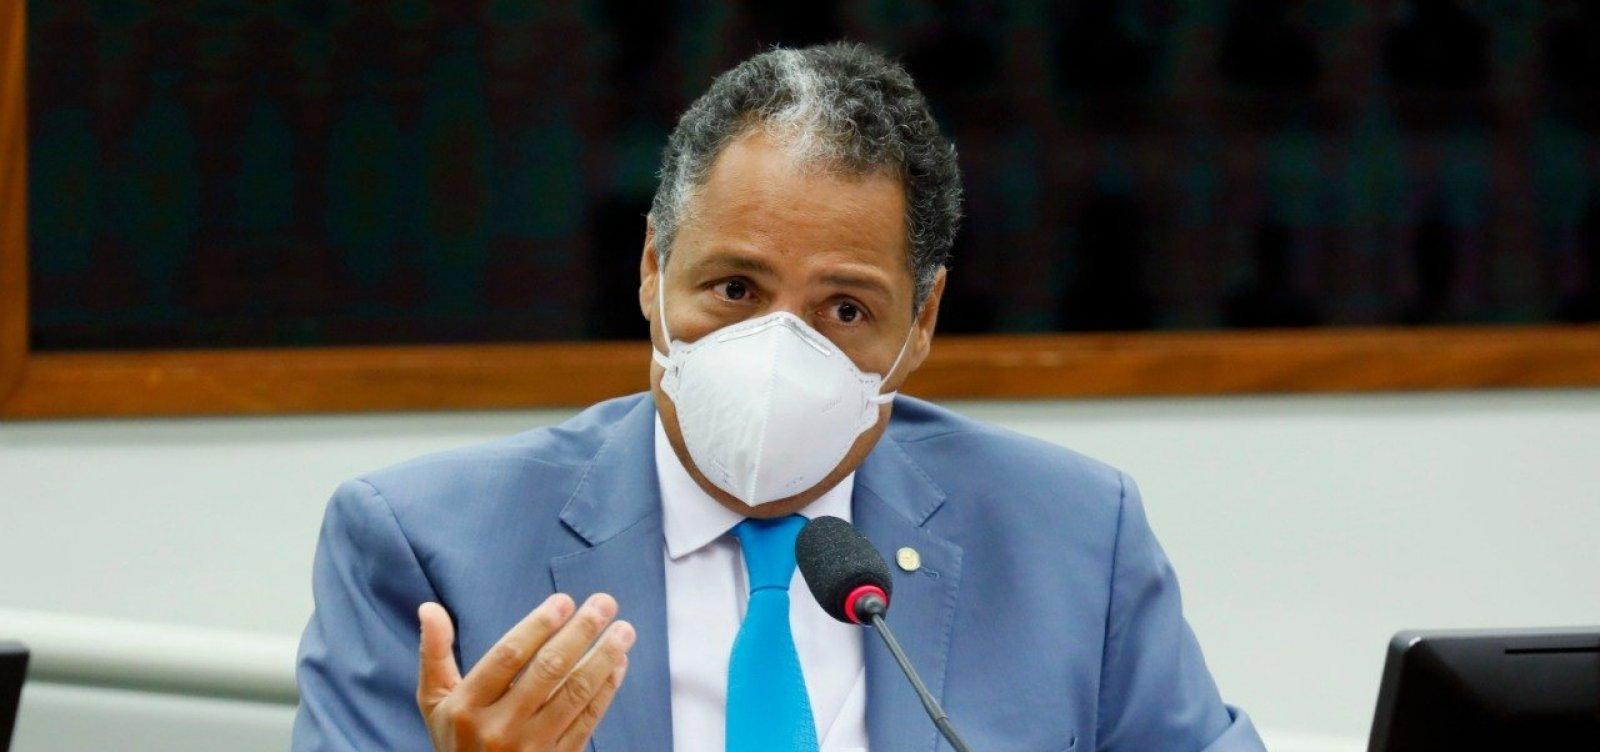 [Governo sanciona lei que beneficia Santas Casas durante pandemia da Covid-19]